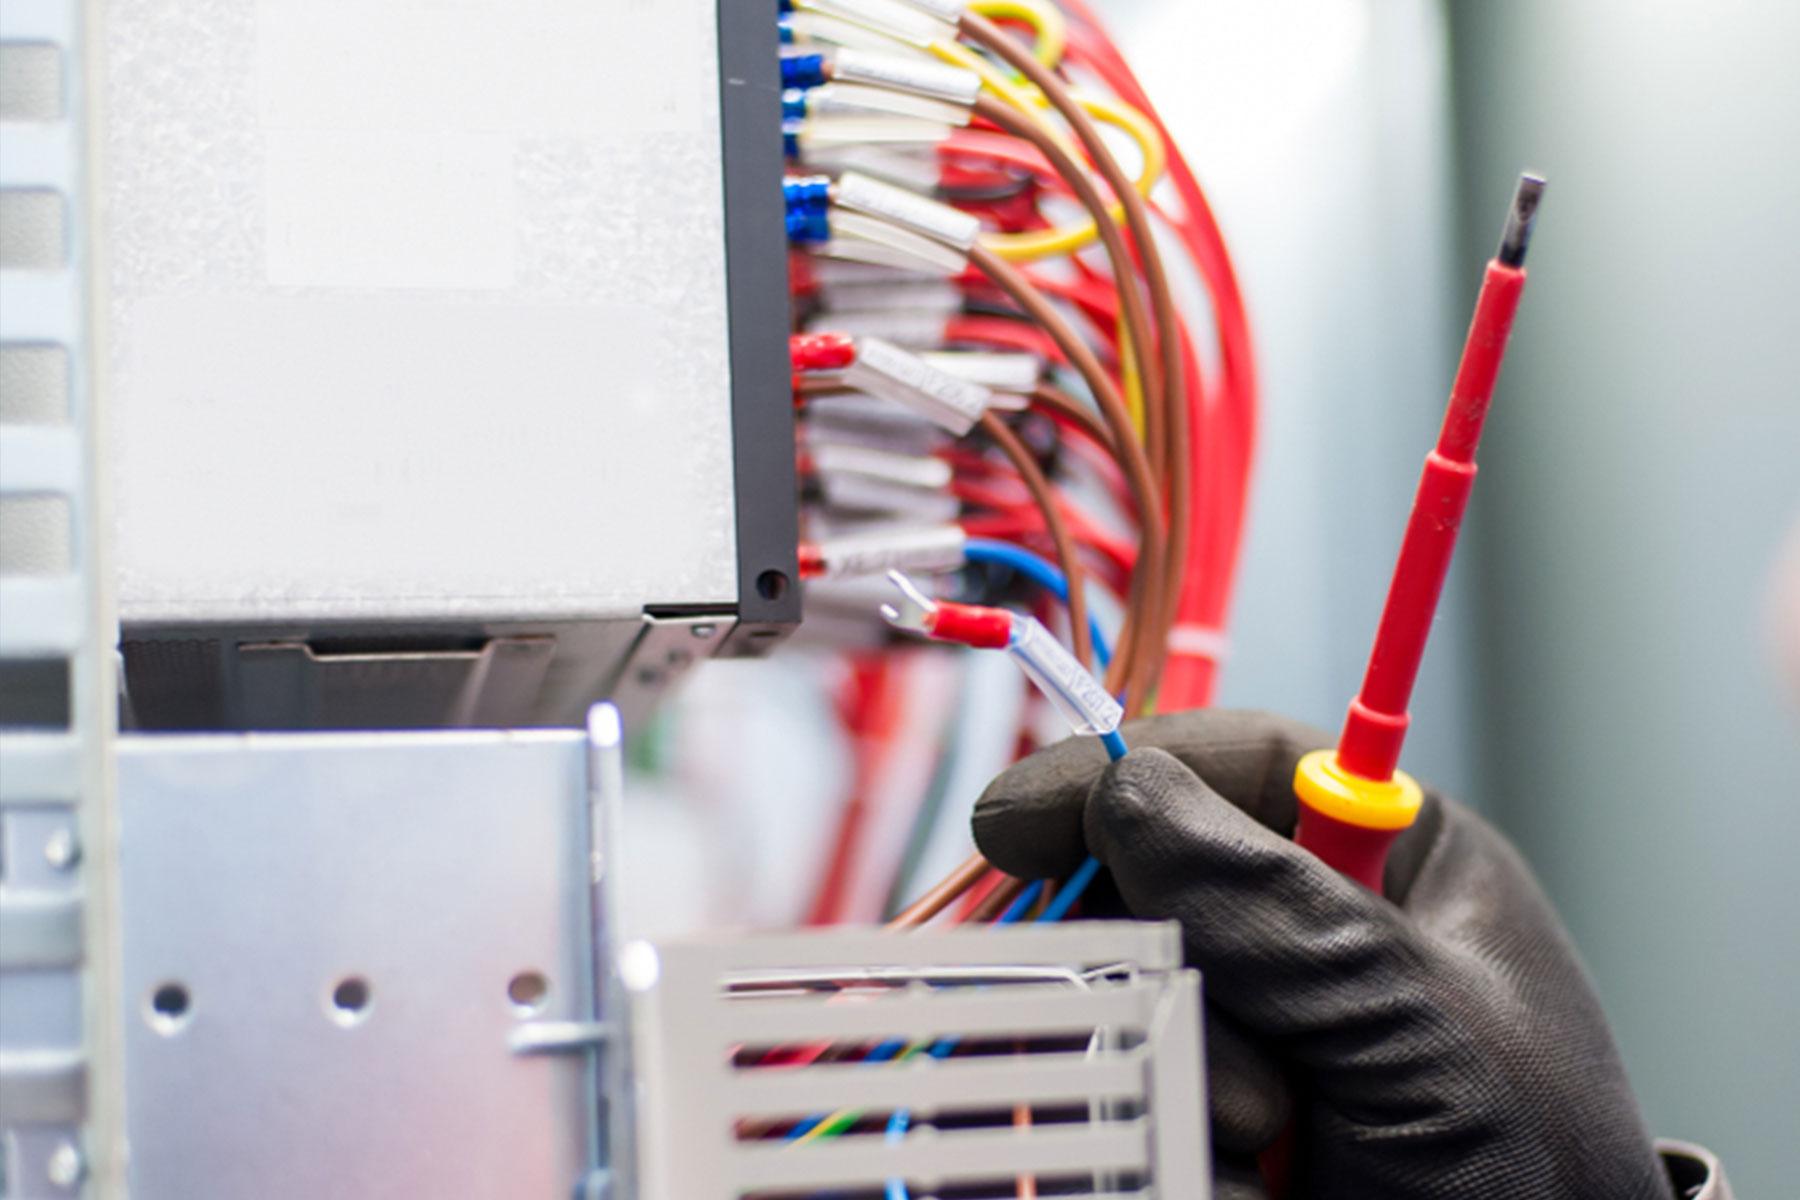 réparation électrique à Wavre